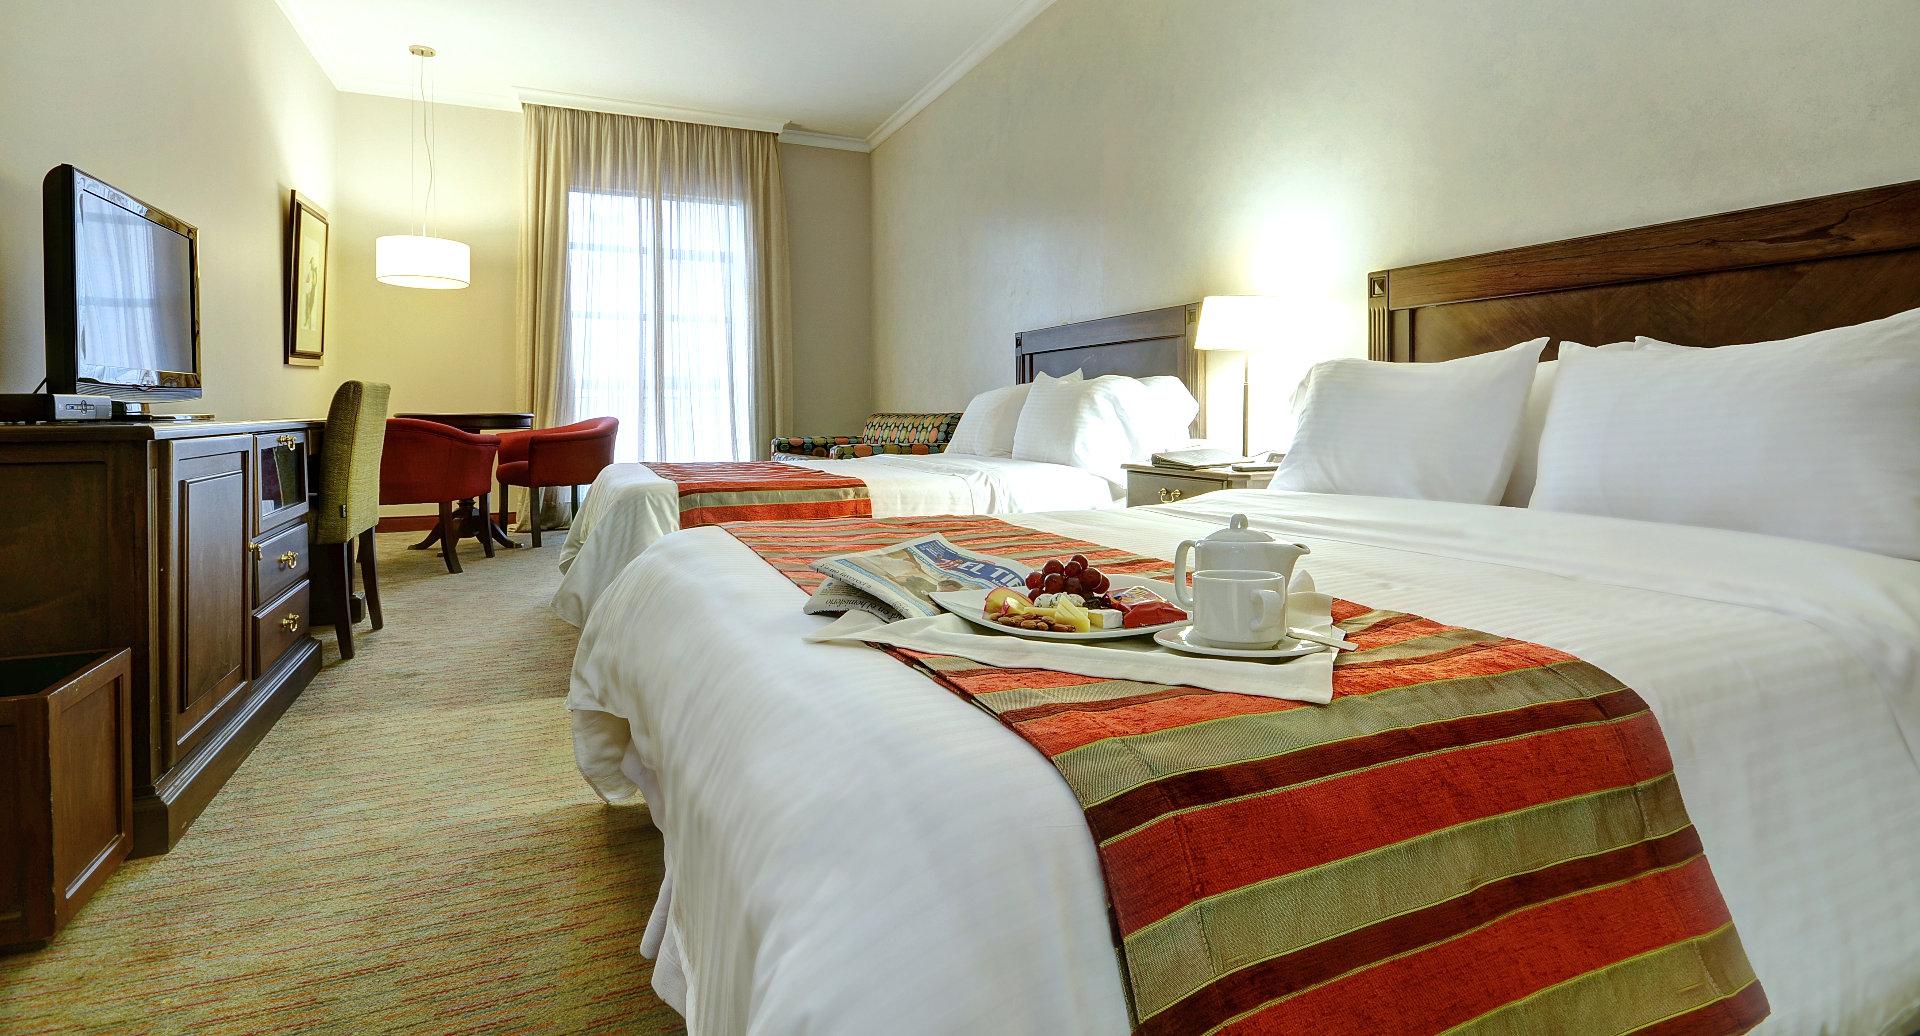 Hoteles en medellin 5 estrellas hotel dann carlton for Hoteles con habitaciones familiares en benidorm